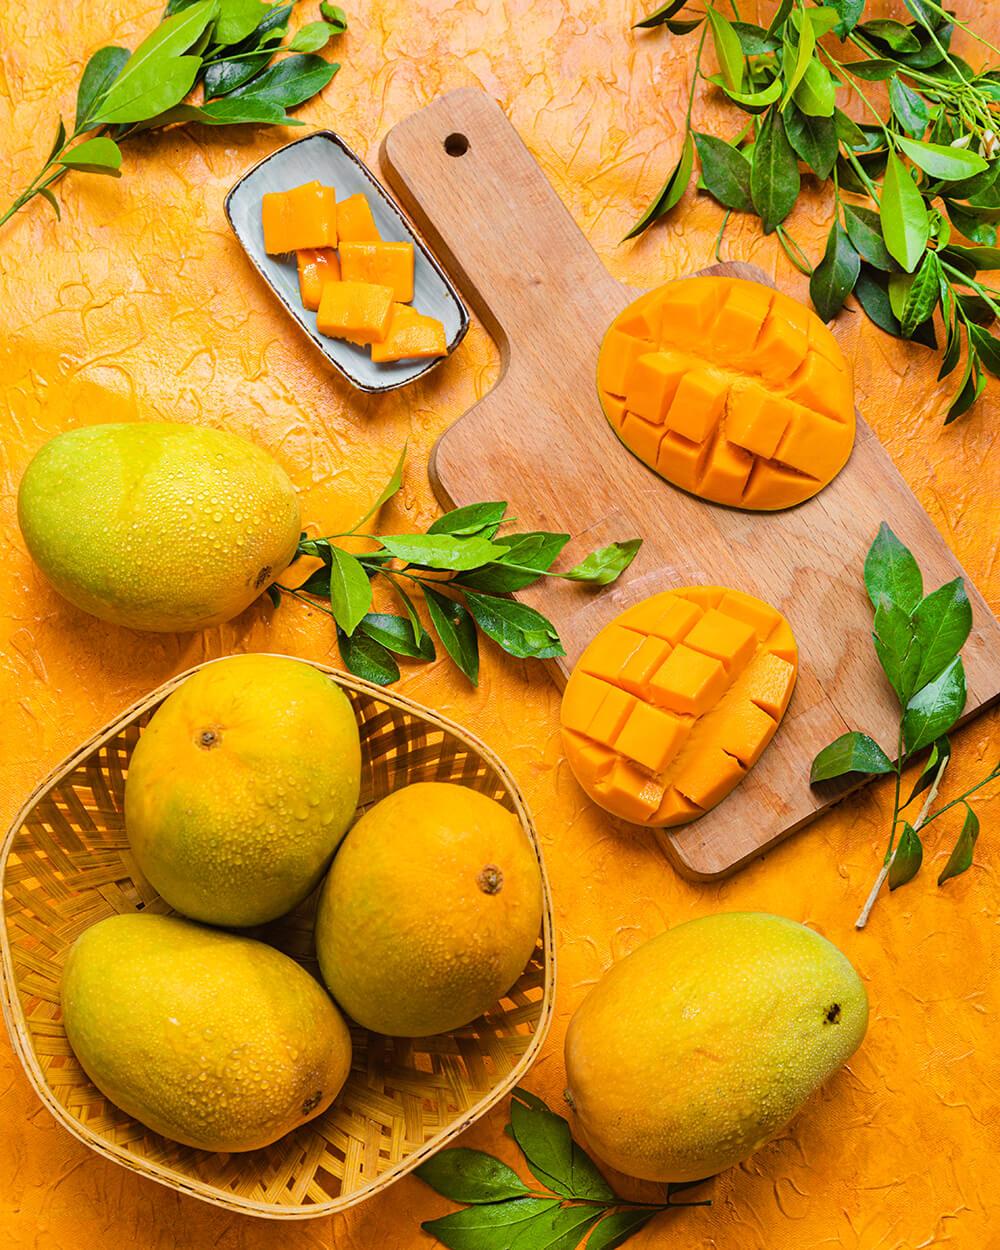 Alphonso mangoes Ratnagiri